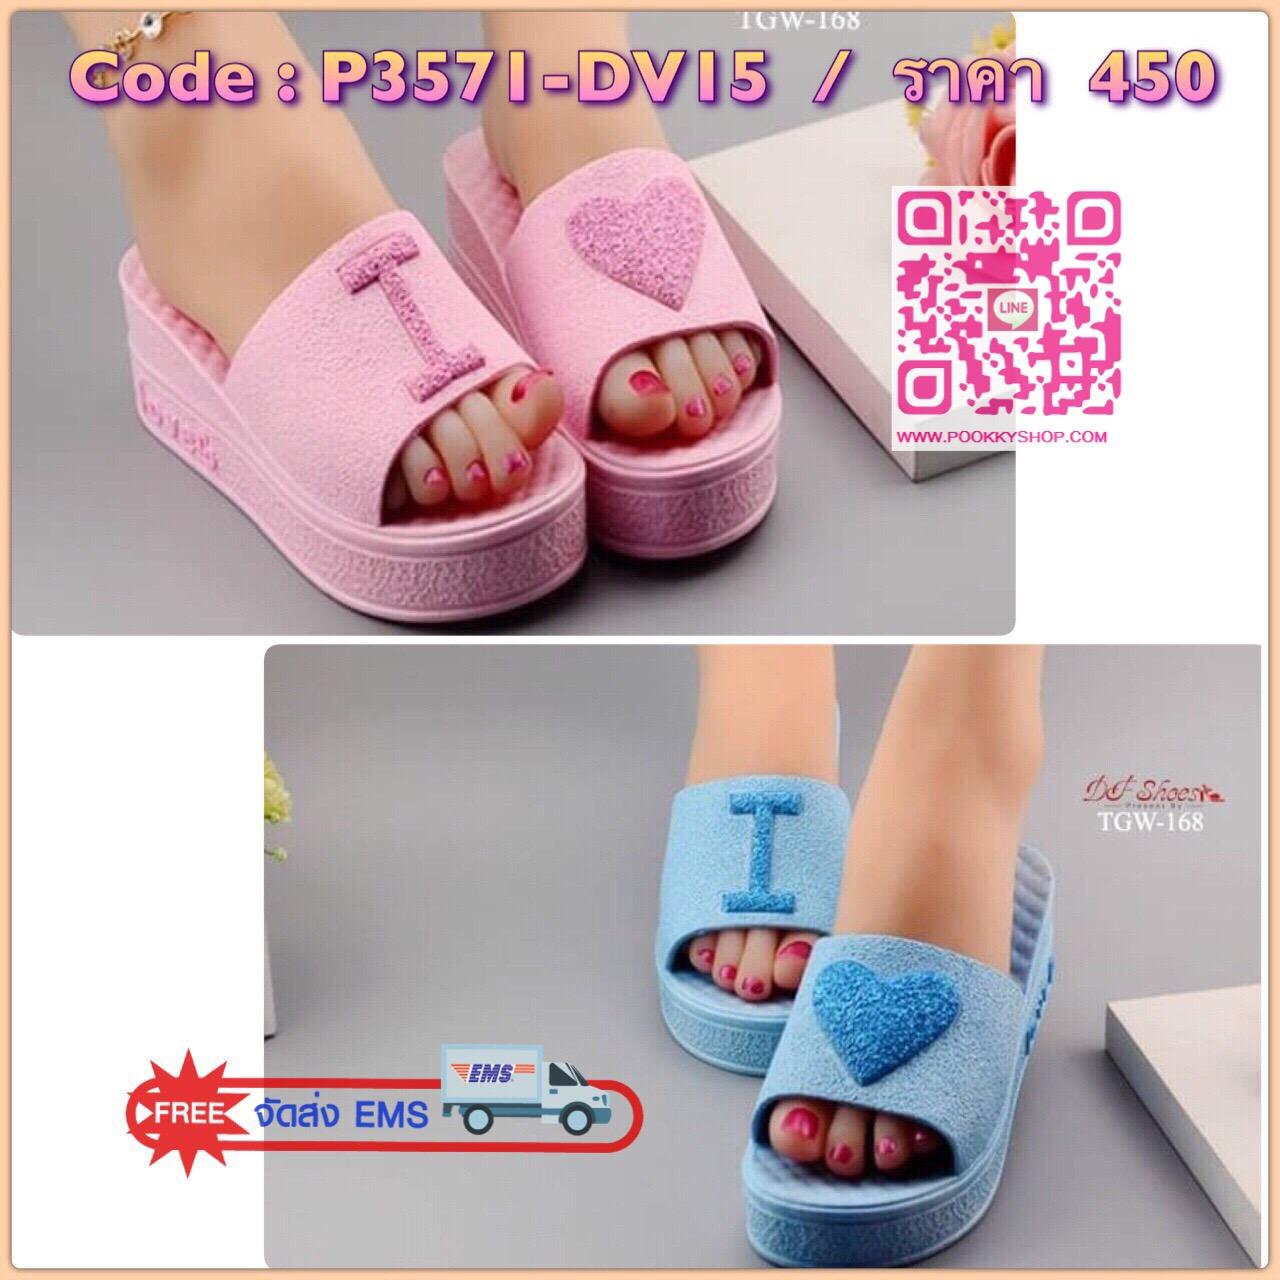 แบบใหม่พร้อมส่ง Summer นี้มีรองเท้าใส่ไปเล่นสงกรานต์ยังจ๊ะสาวๆ ถ้ายังไม่มีขอแนะนำ รองเท้าแตะส้นขนมปัง หนัง PU นิ่ม เดินสบาย สายคาดประดับตัวอักษรกากเพชร ดีไซน์น่ารัก เปียกน้ำได้ รีบจับจองกันได้น้าคะ